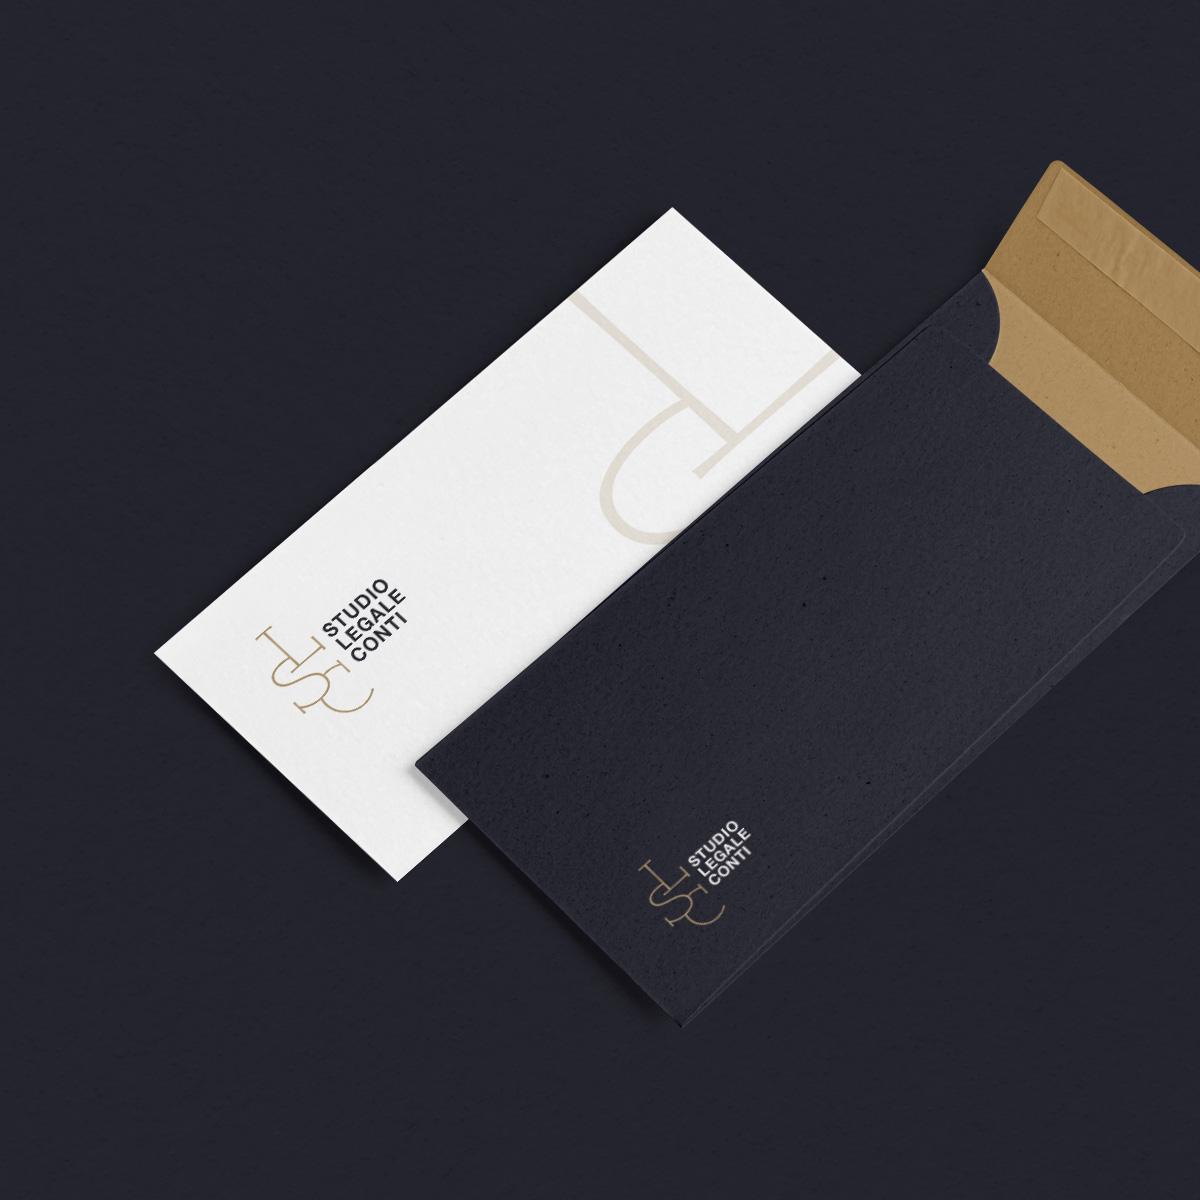 Studio legale Conti - immagine coordinata Rieti - constant design